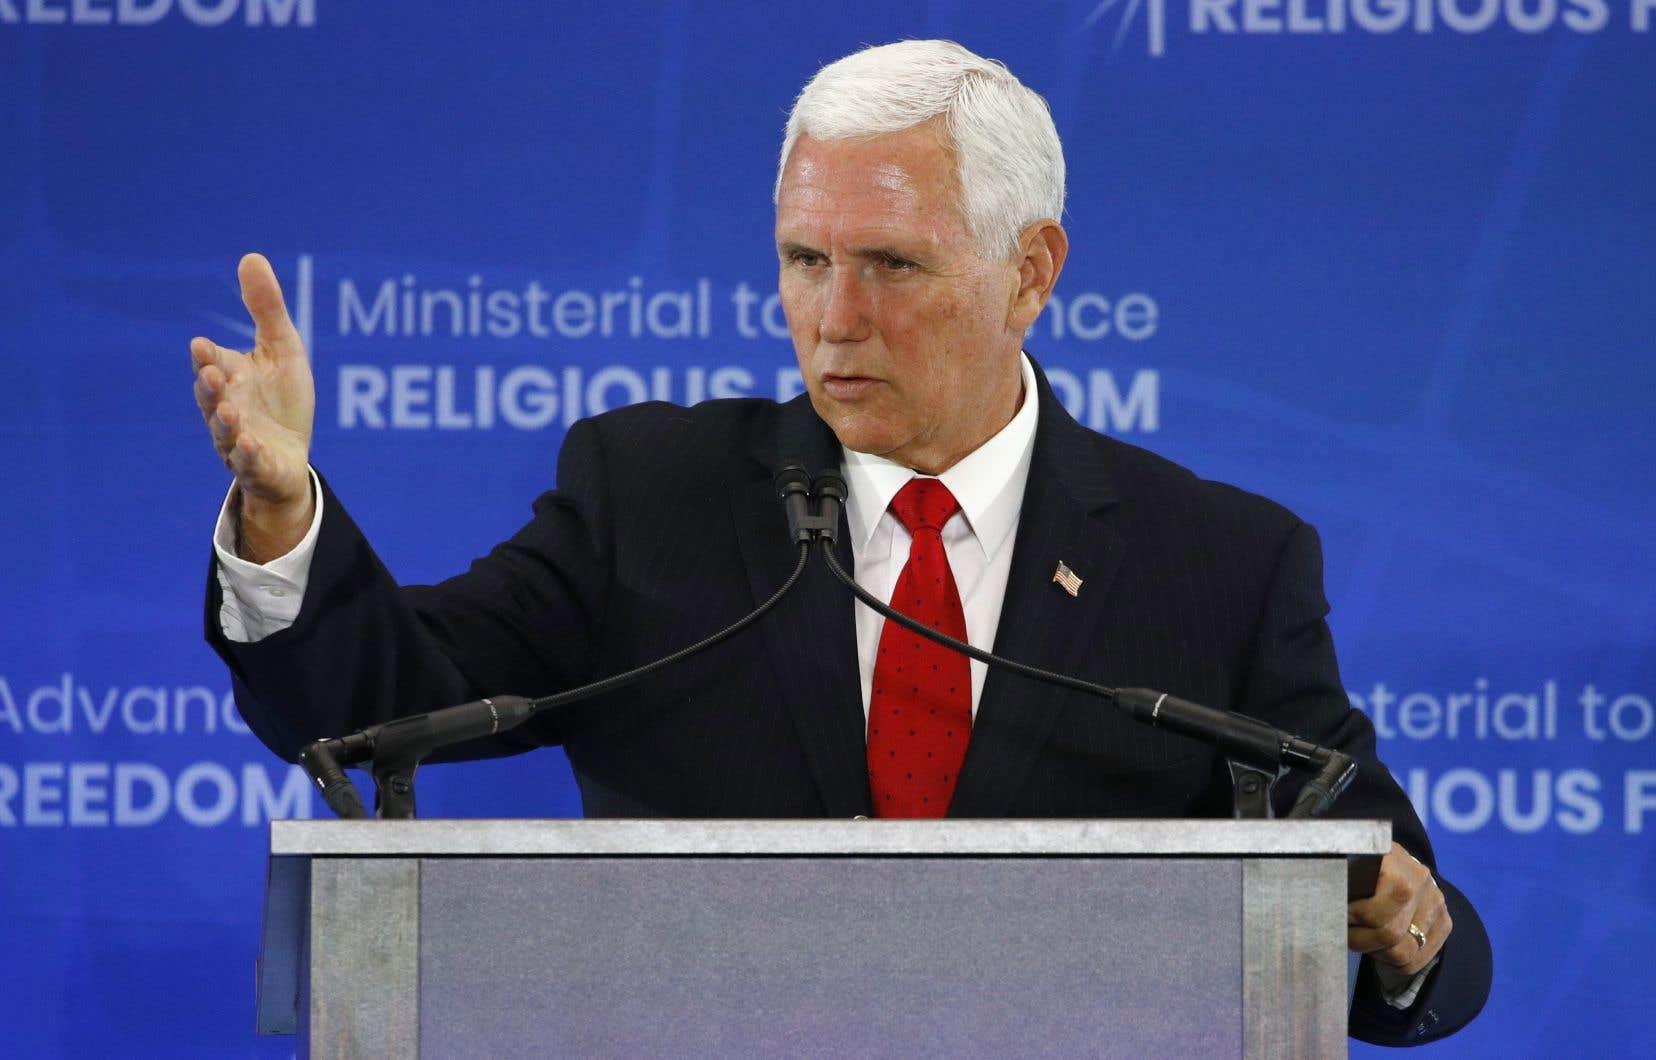 Le vice-président américain Mike Pence a profité d'un discours lors d'une conférence sur la liberté religieuse pour réclamer la libération de Raif Badawi et d'autres personnes emprisonnés sur la base de la religion.